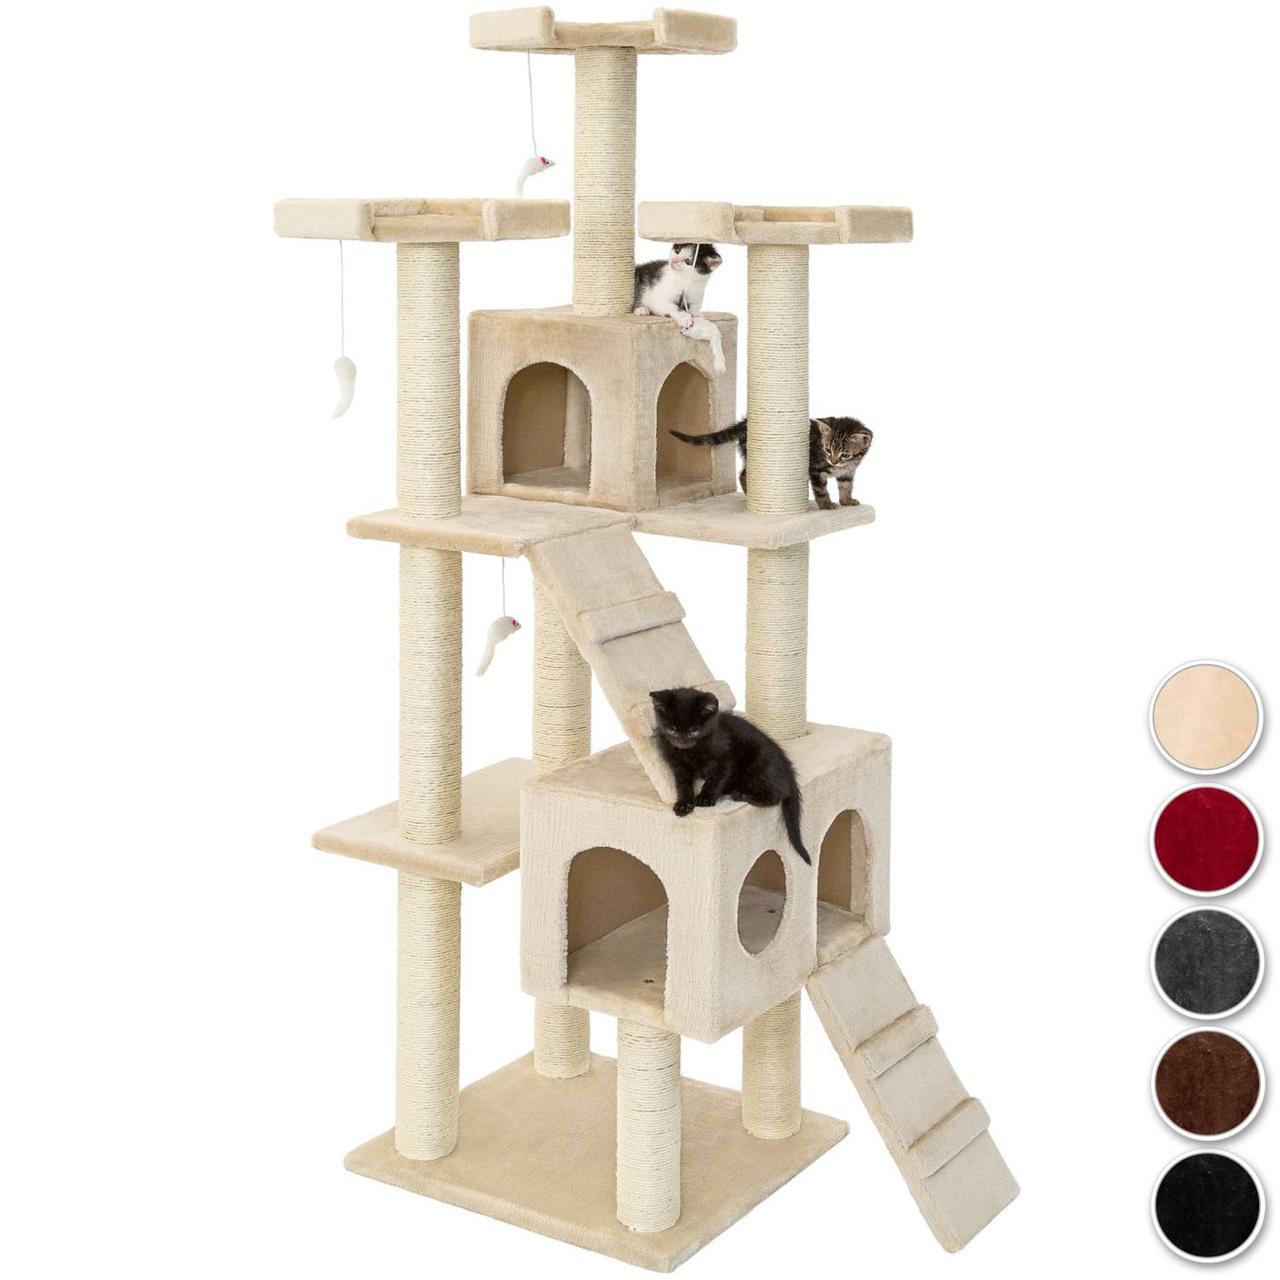 Когтеточка дерево для котов Кнути (в сортименте разные цвета)